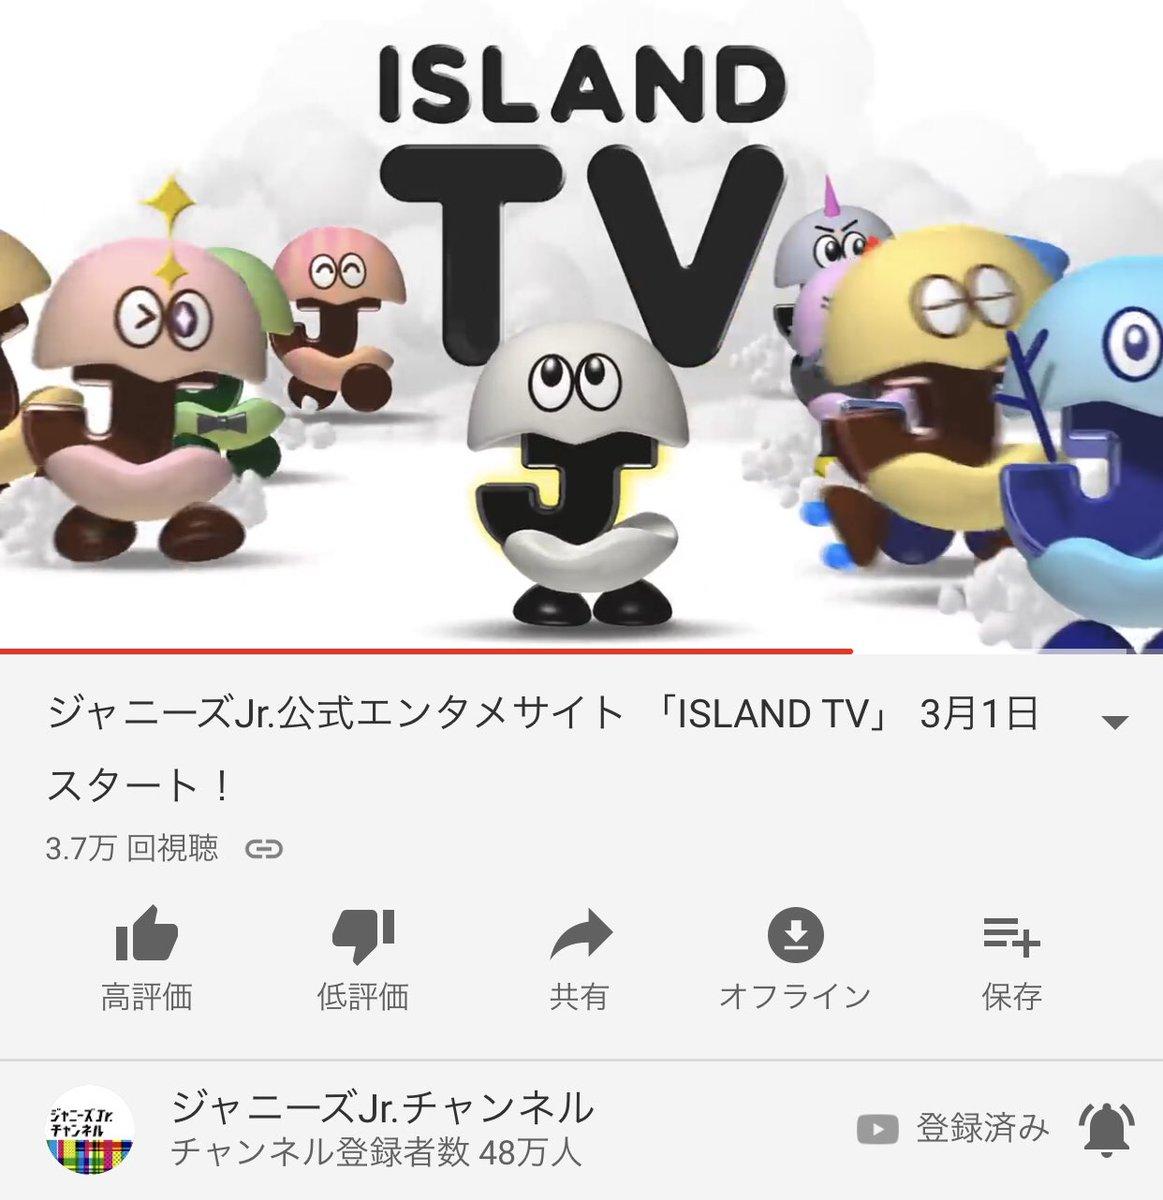 ん アイランド とか tv り